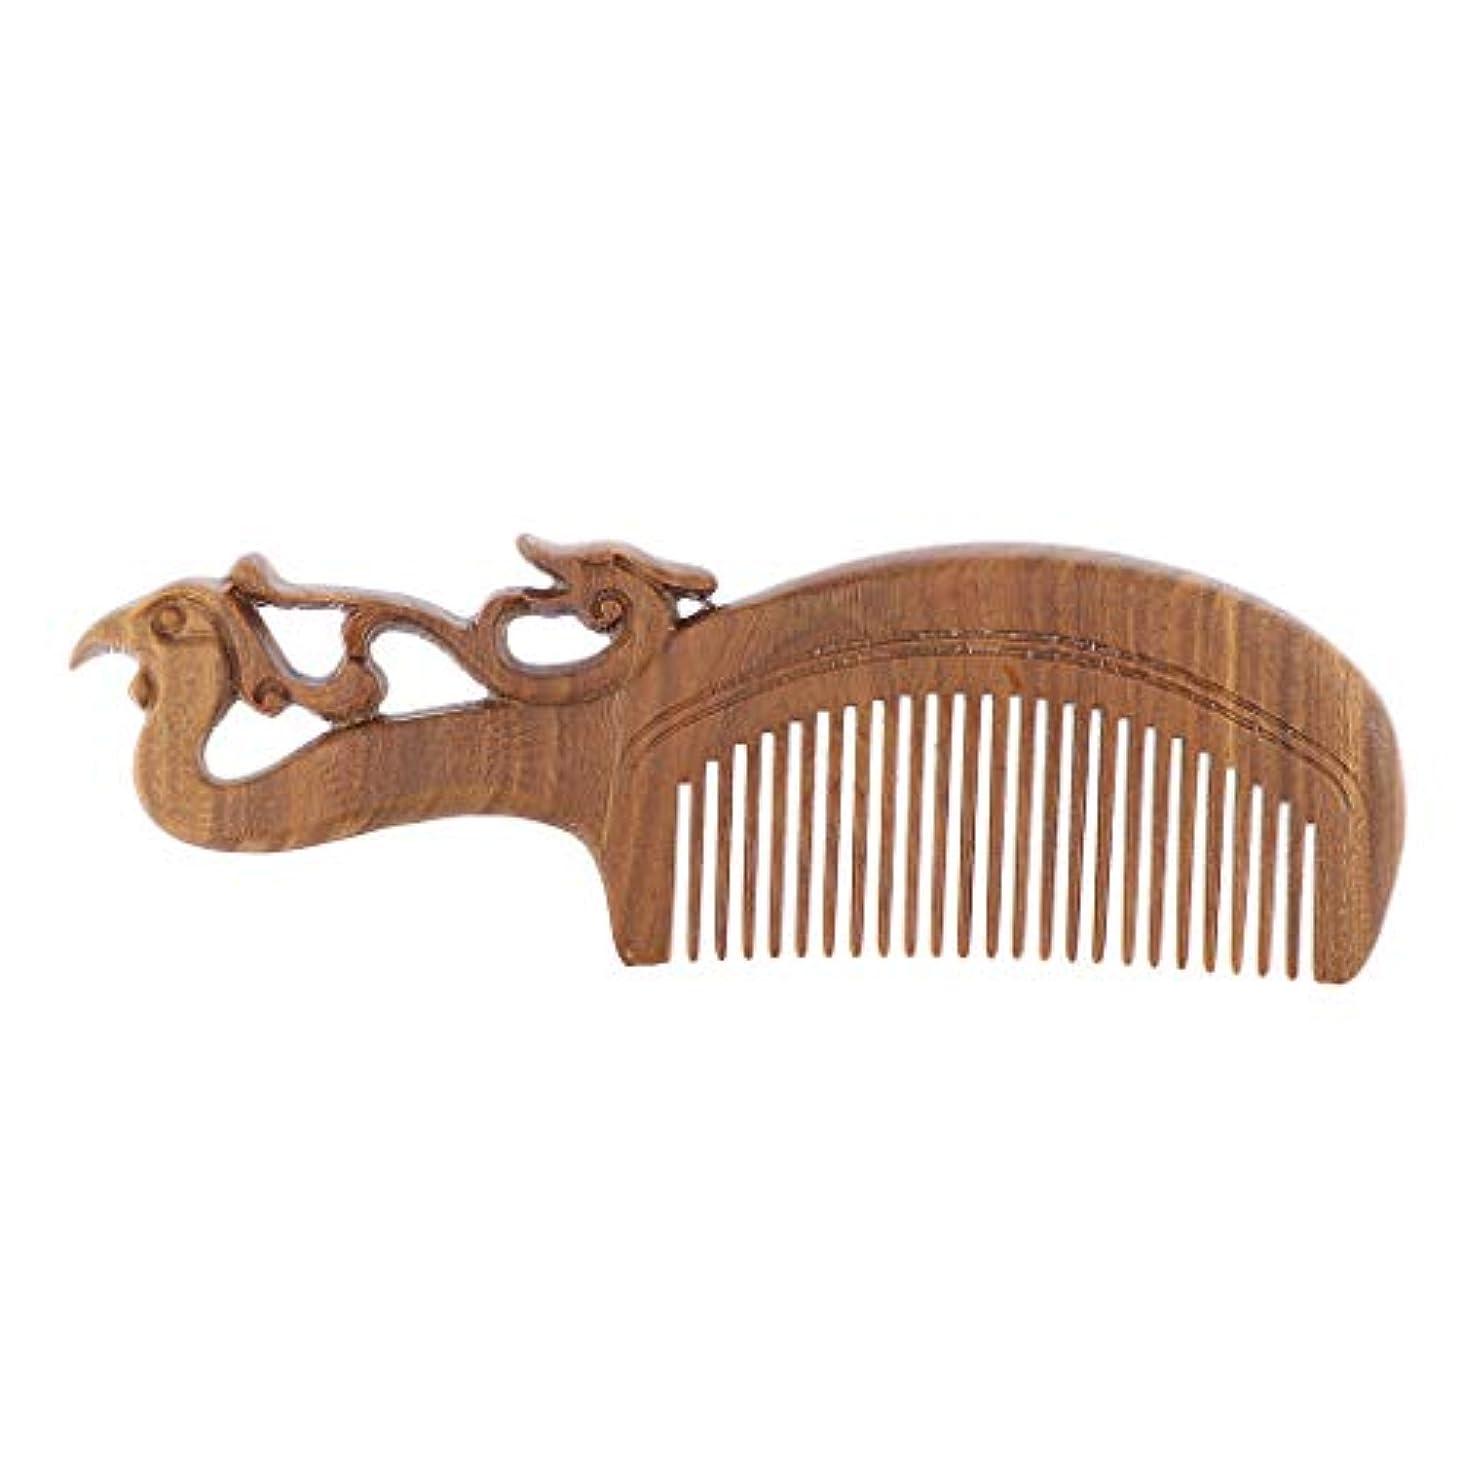 ホール平行過敏な手作り 木製櫛 ヘアブラシ ヘアコーム 頭皮マッサージ レトロ 4タイプ選べ - 17 x 5.5 x 1.2 cm